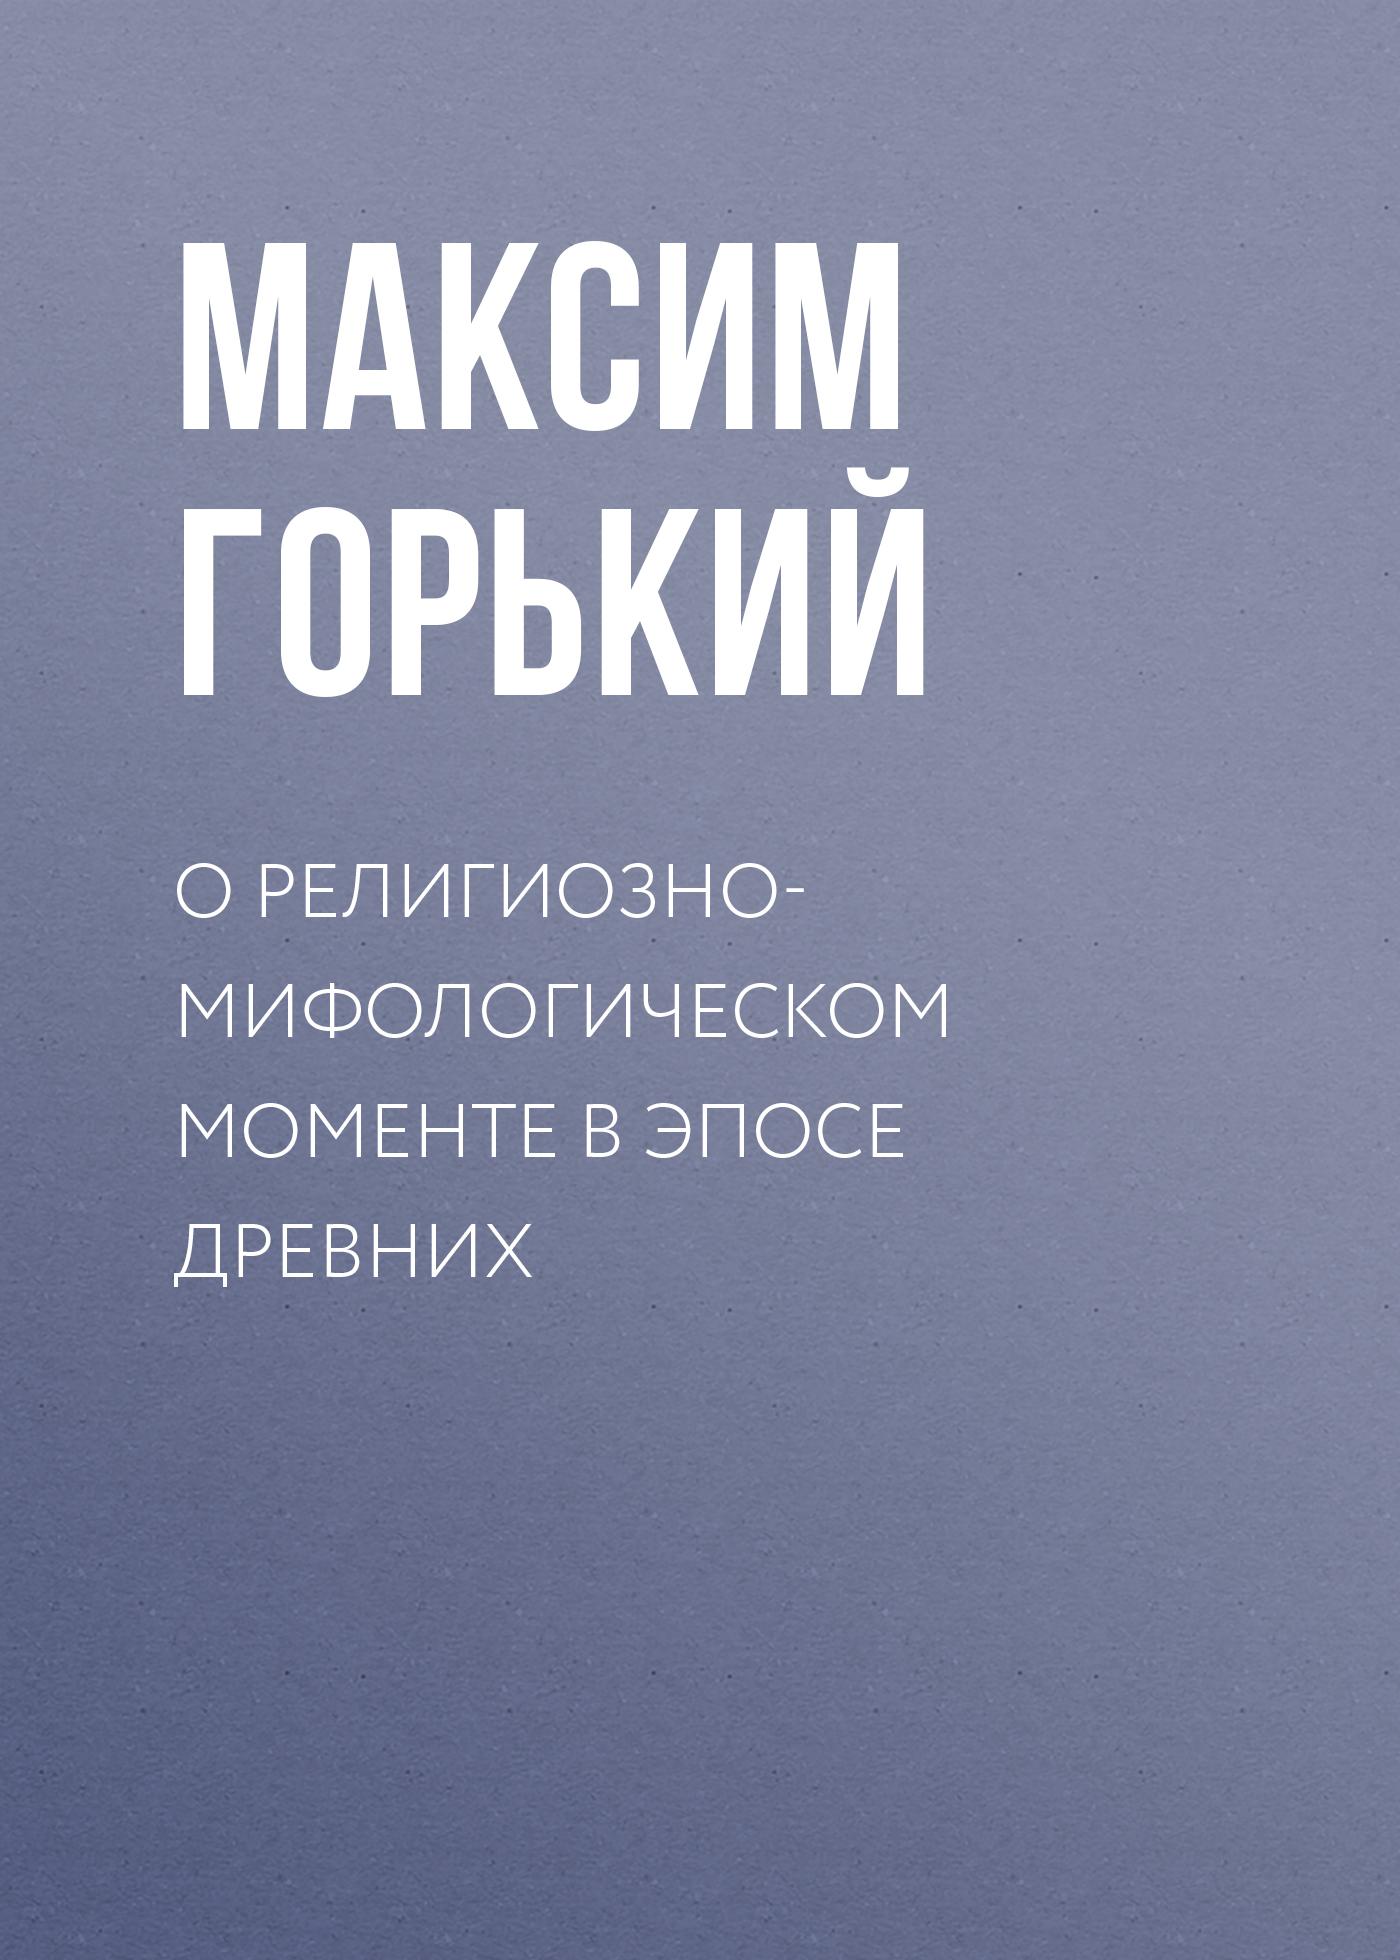 Максим Горький О религиозно-мифологическом моменте в эпосе древних максим горький ответ на анкету американского журнала